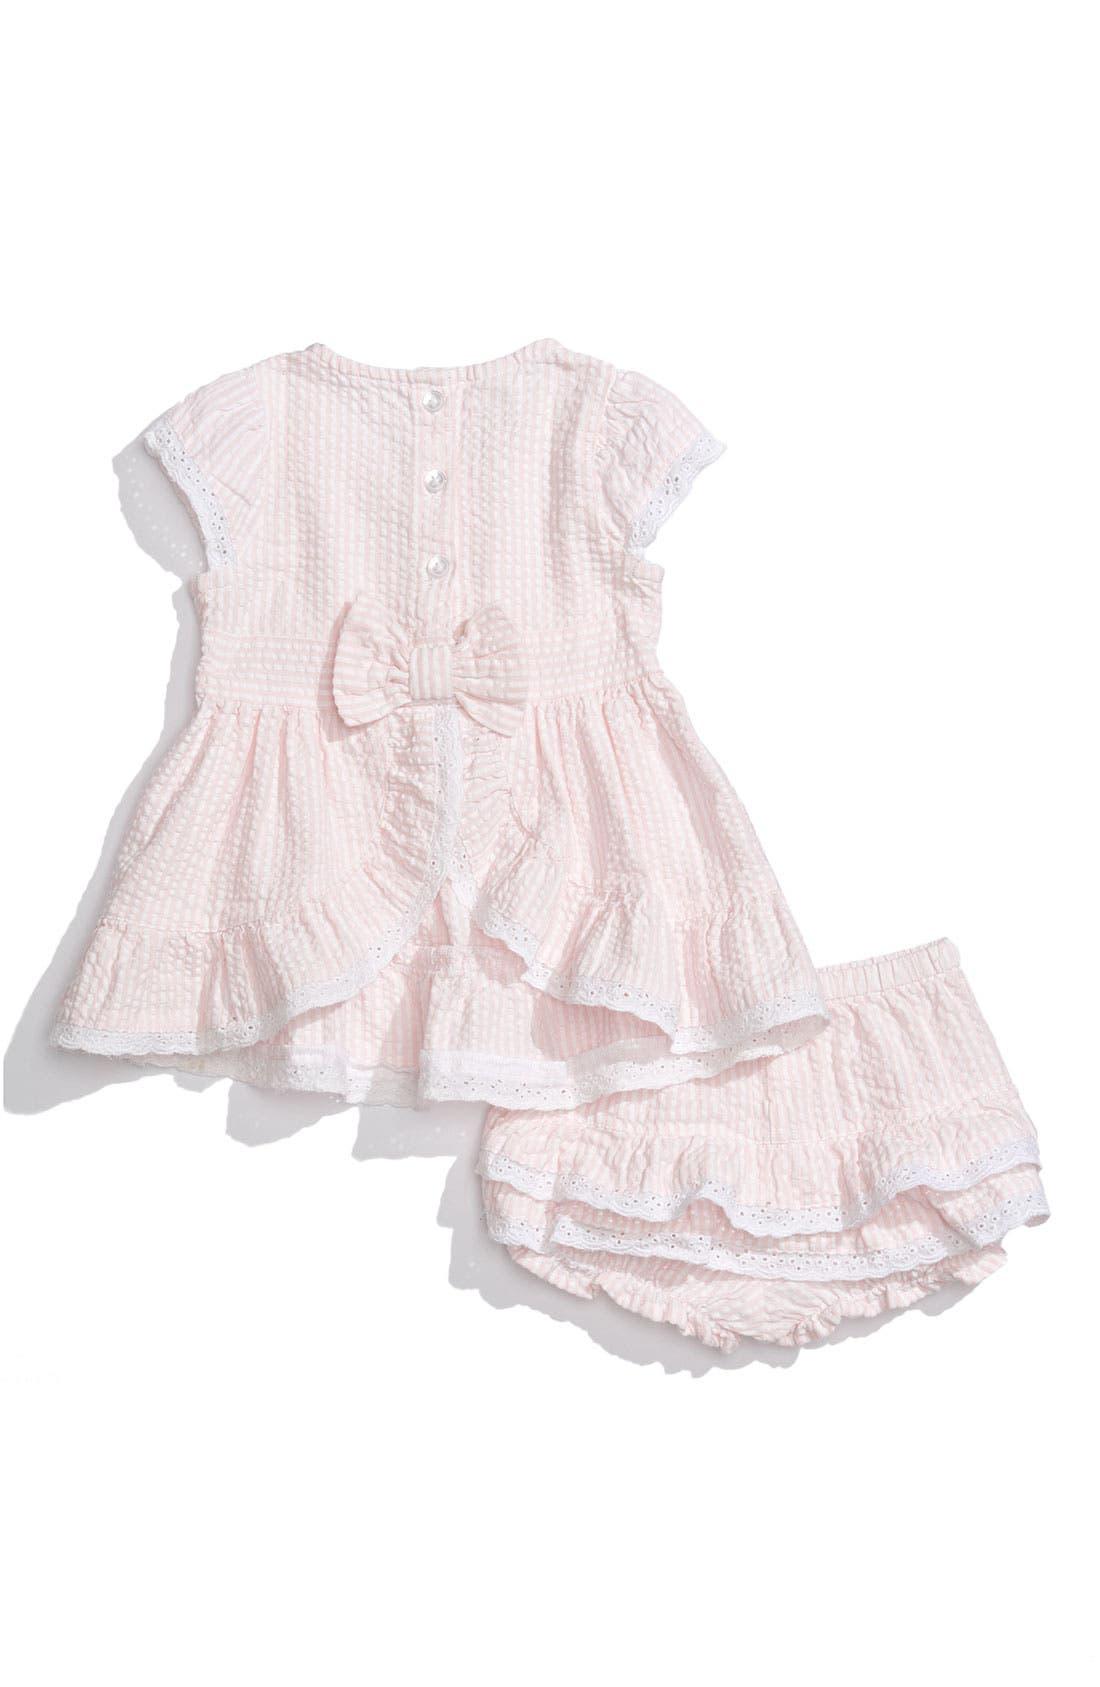 NORDSTROM BABY,                             Seersucker Dress,                             Main thumbnail 1, color,                             960